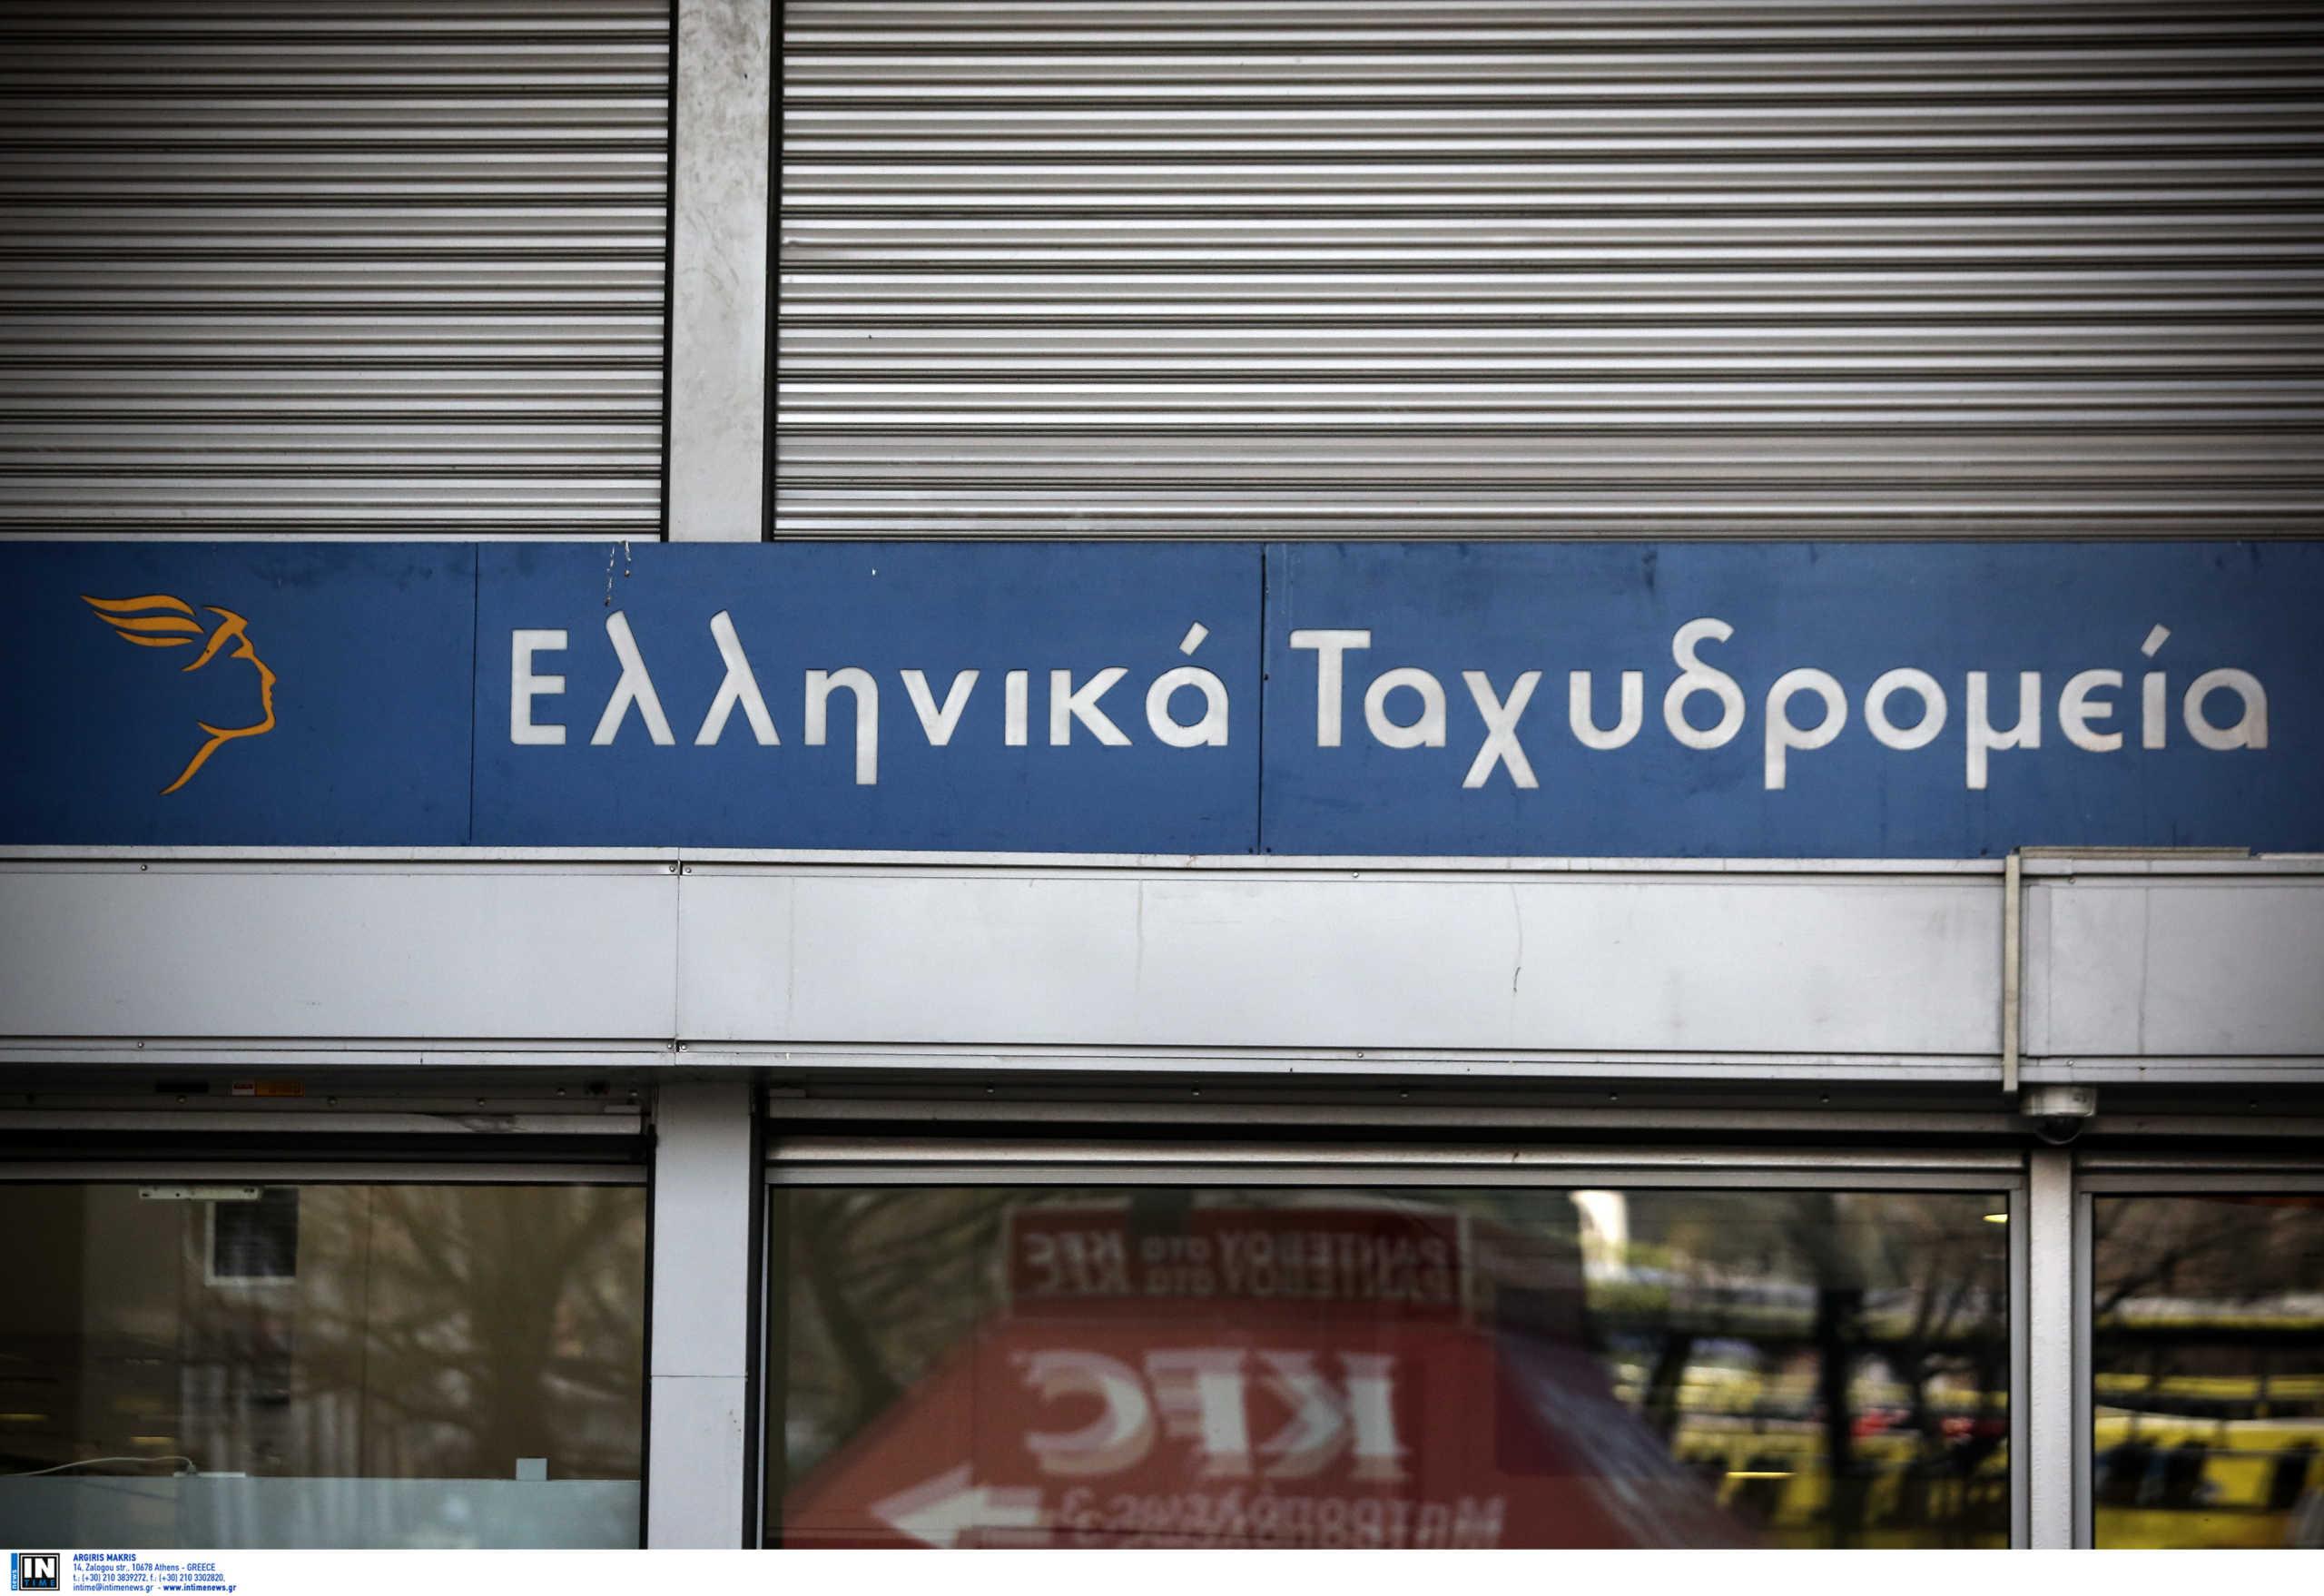 Θεσσαλονίκη: Διάρρηξη στα ΕΛΤΑ Πανοράματος με λεία 4.000 ευρώ – Οι εικόνες που άφησαν πίσω (video)